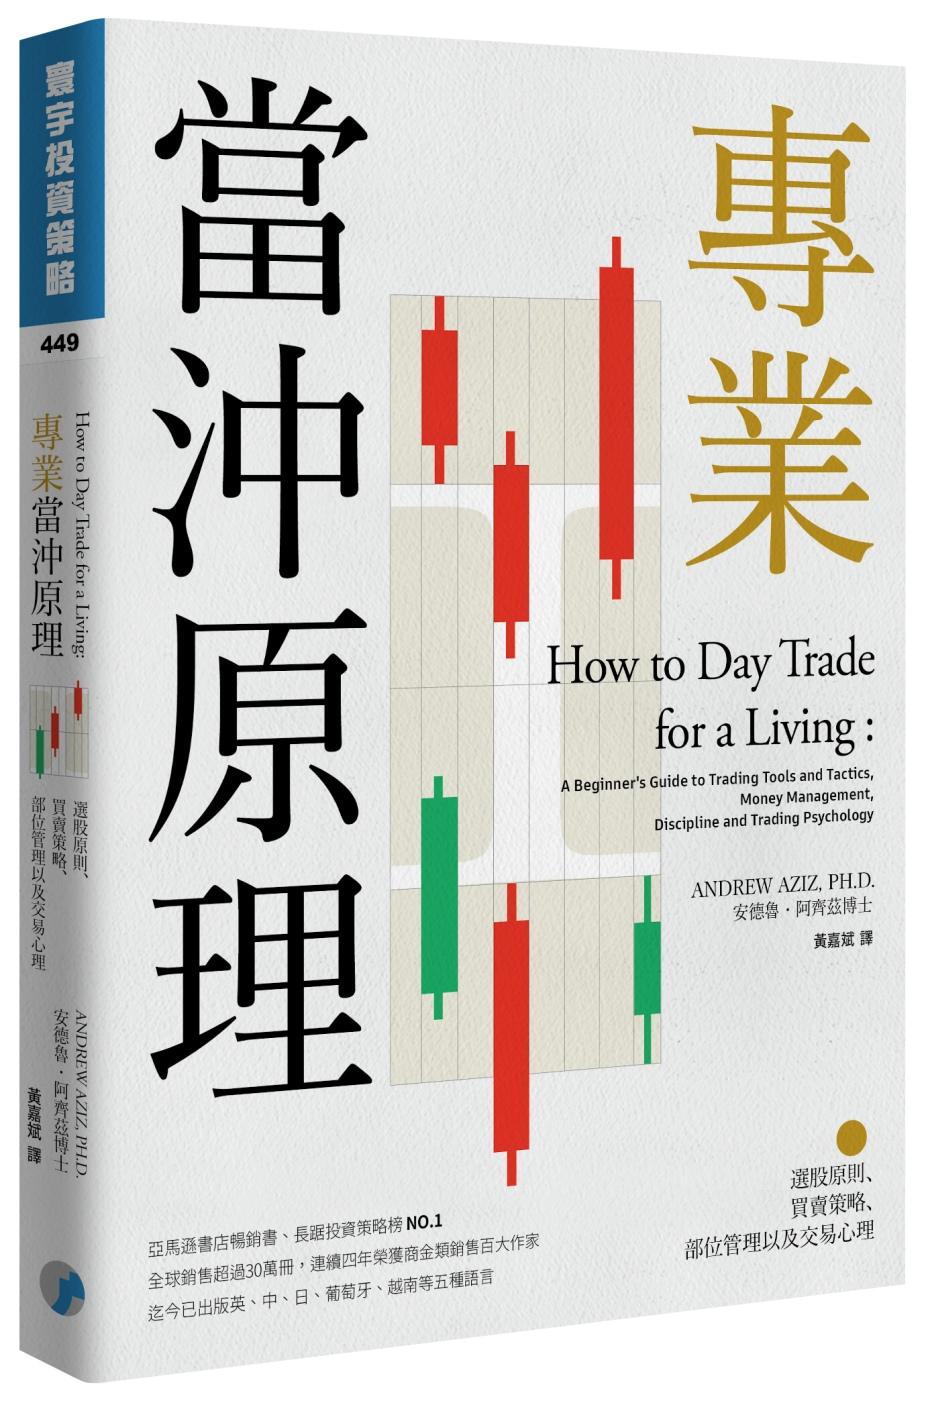 專業當沖原理:選股原則、買賣策略、部位管理以及交易心理